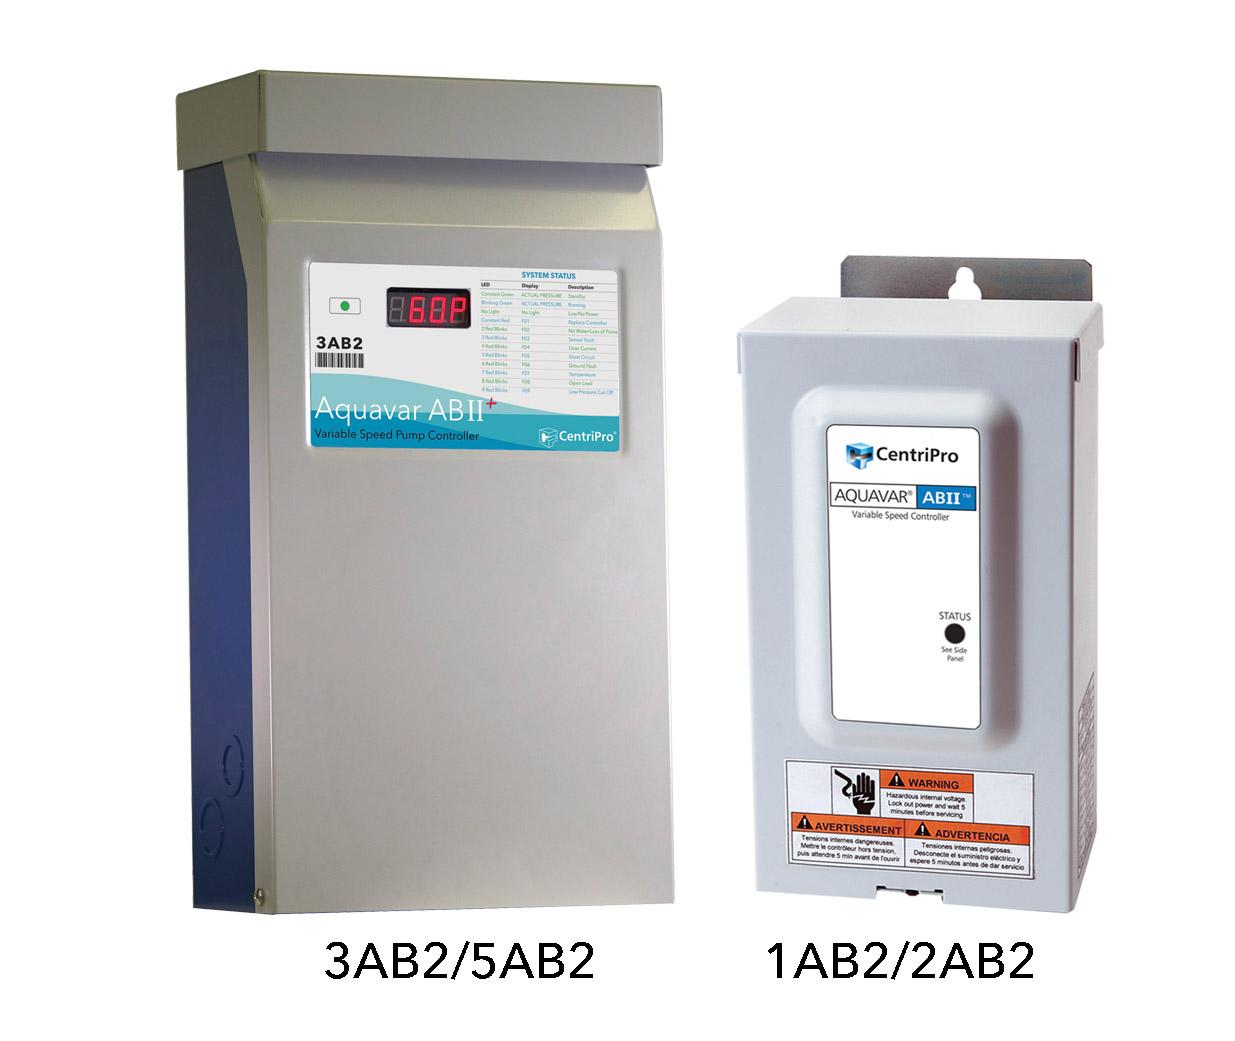 Aquavar Abii And Abii Pump Controller Aquaboost